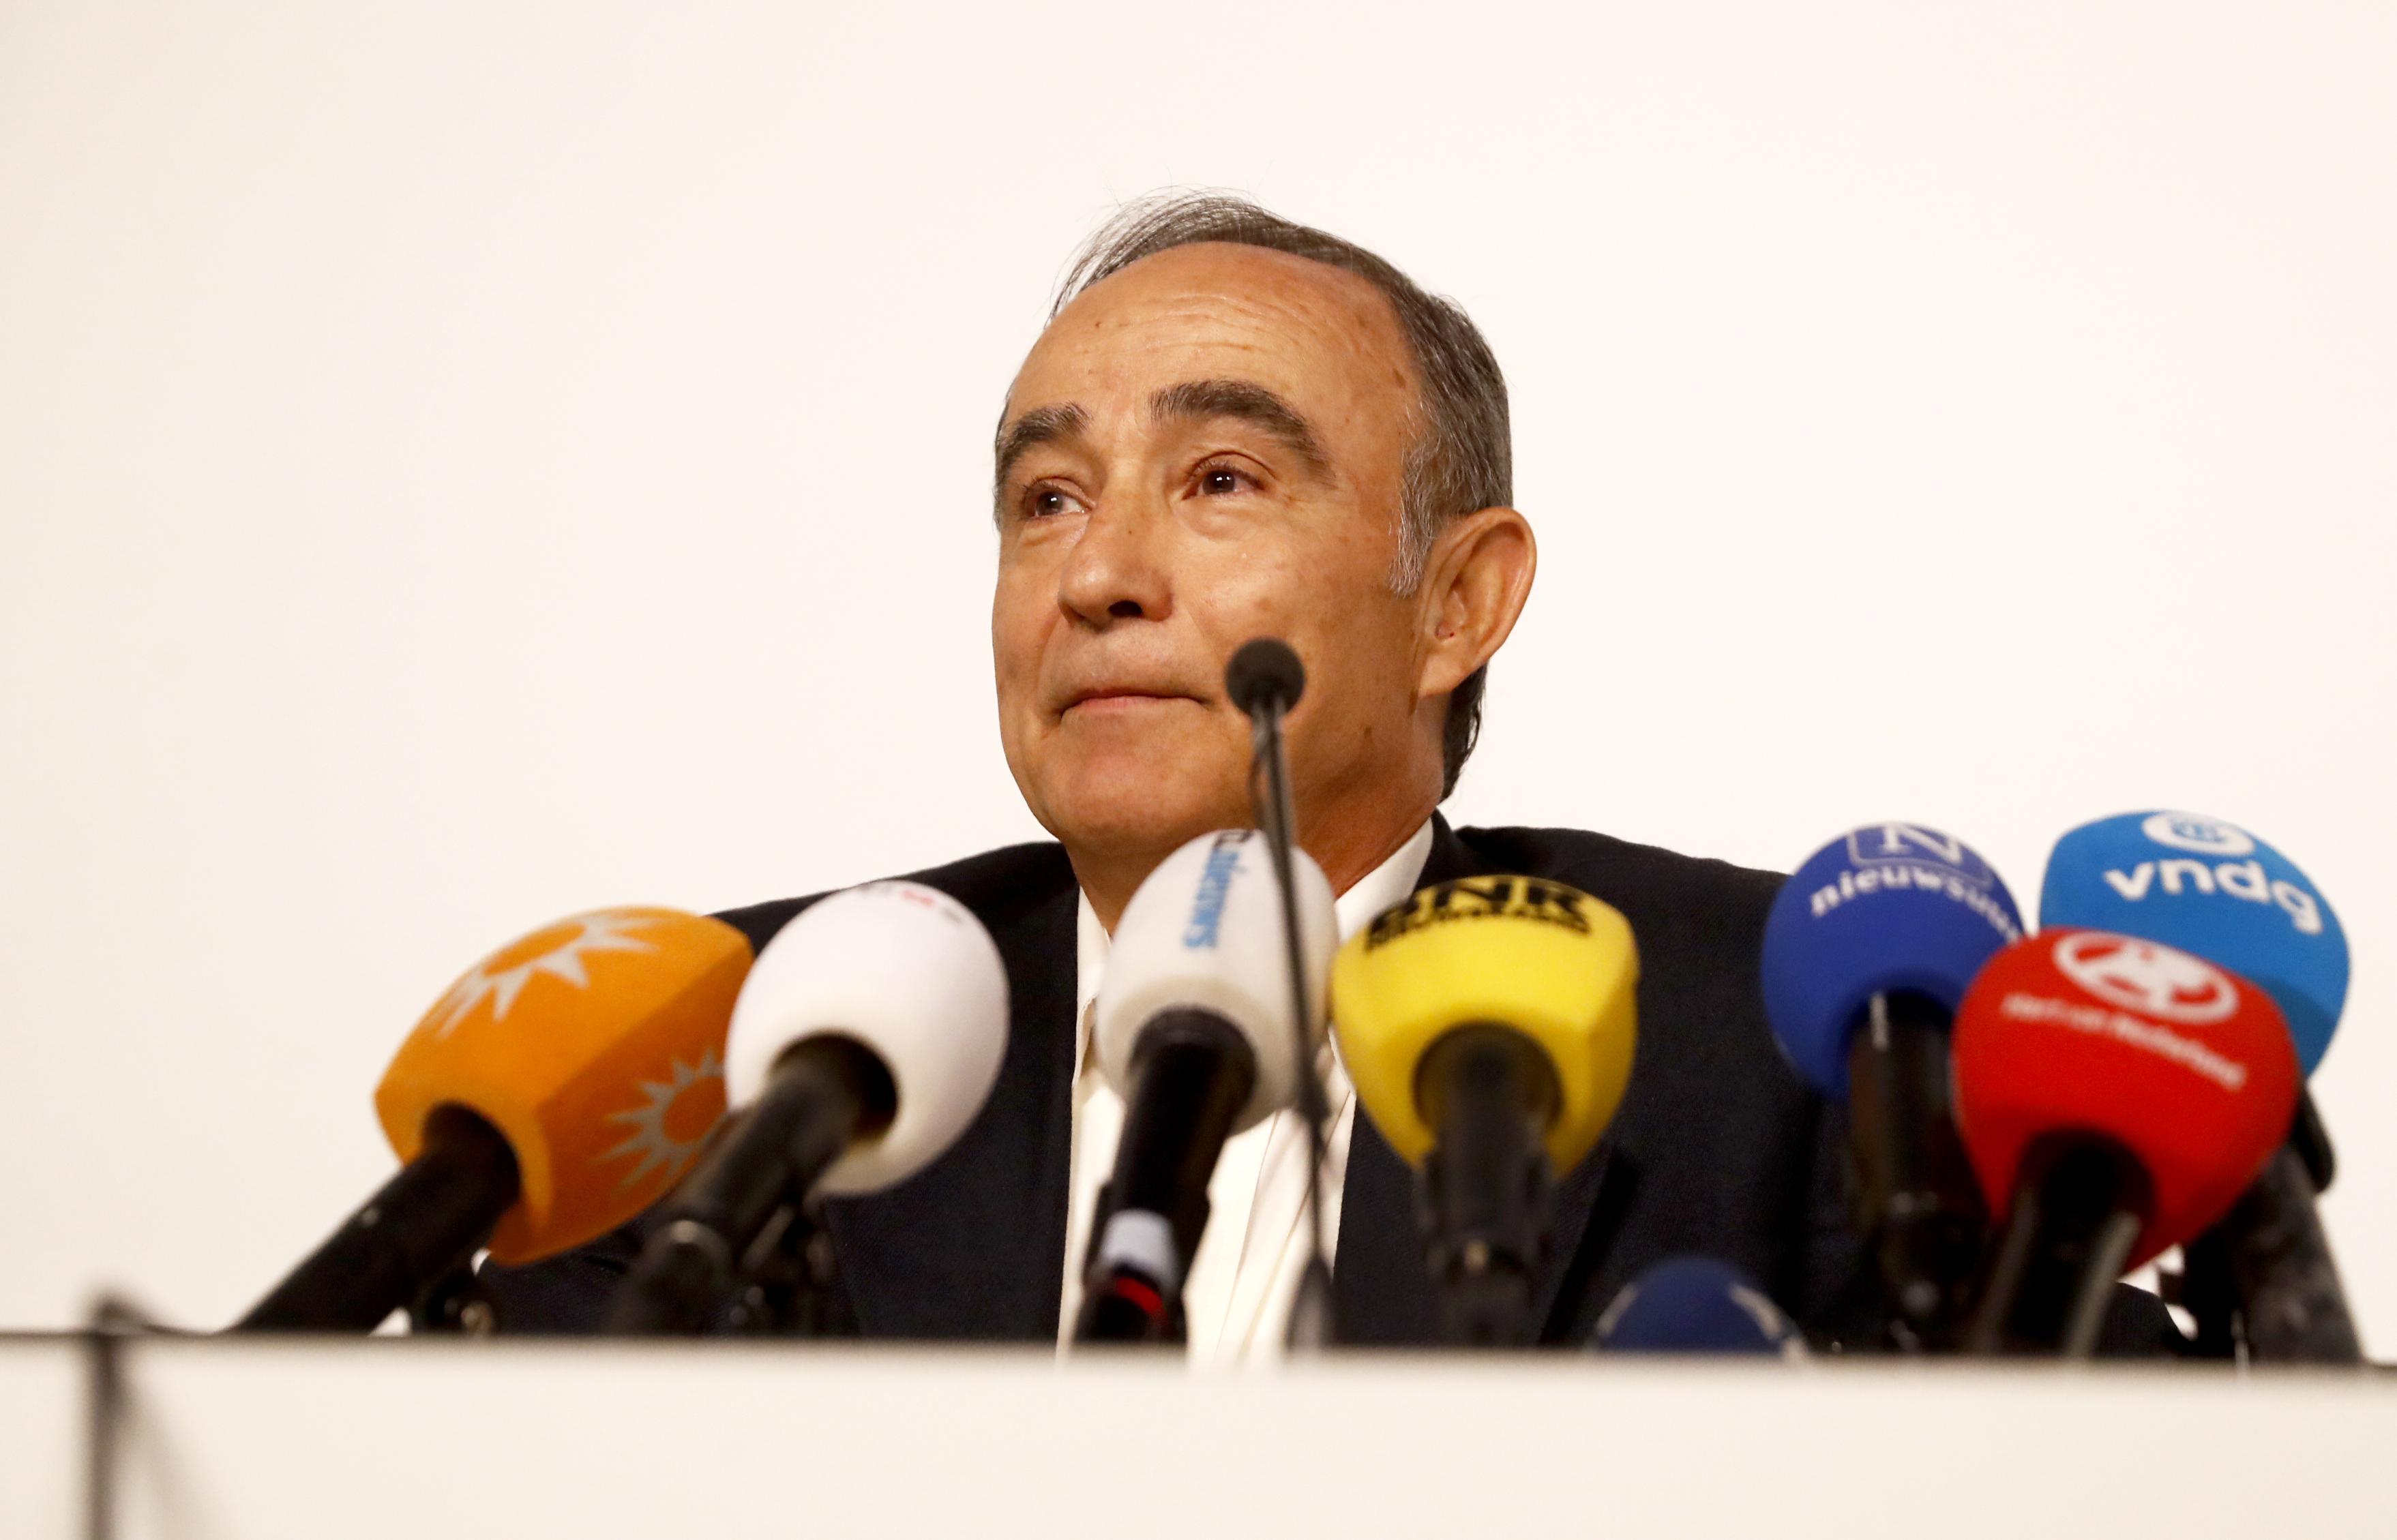 Politie en OM twijfelden in 2009 over uitlevering van Transavia-piloot Julio Poch